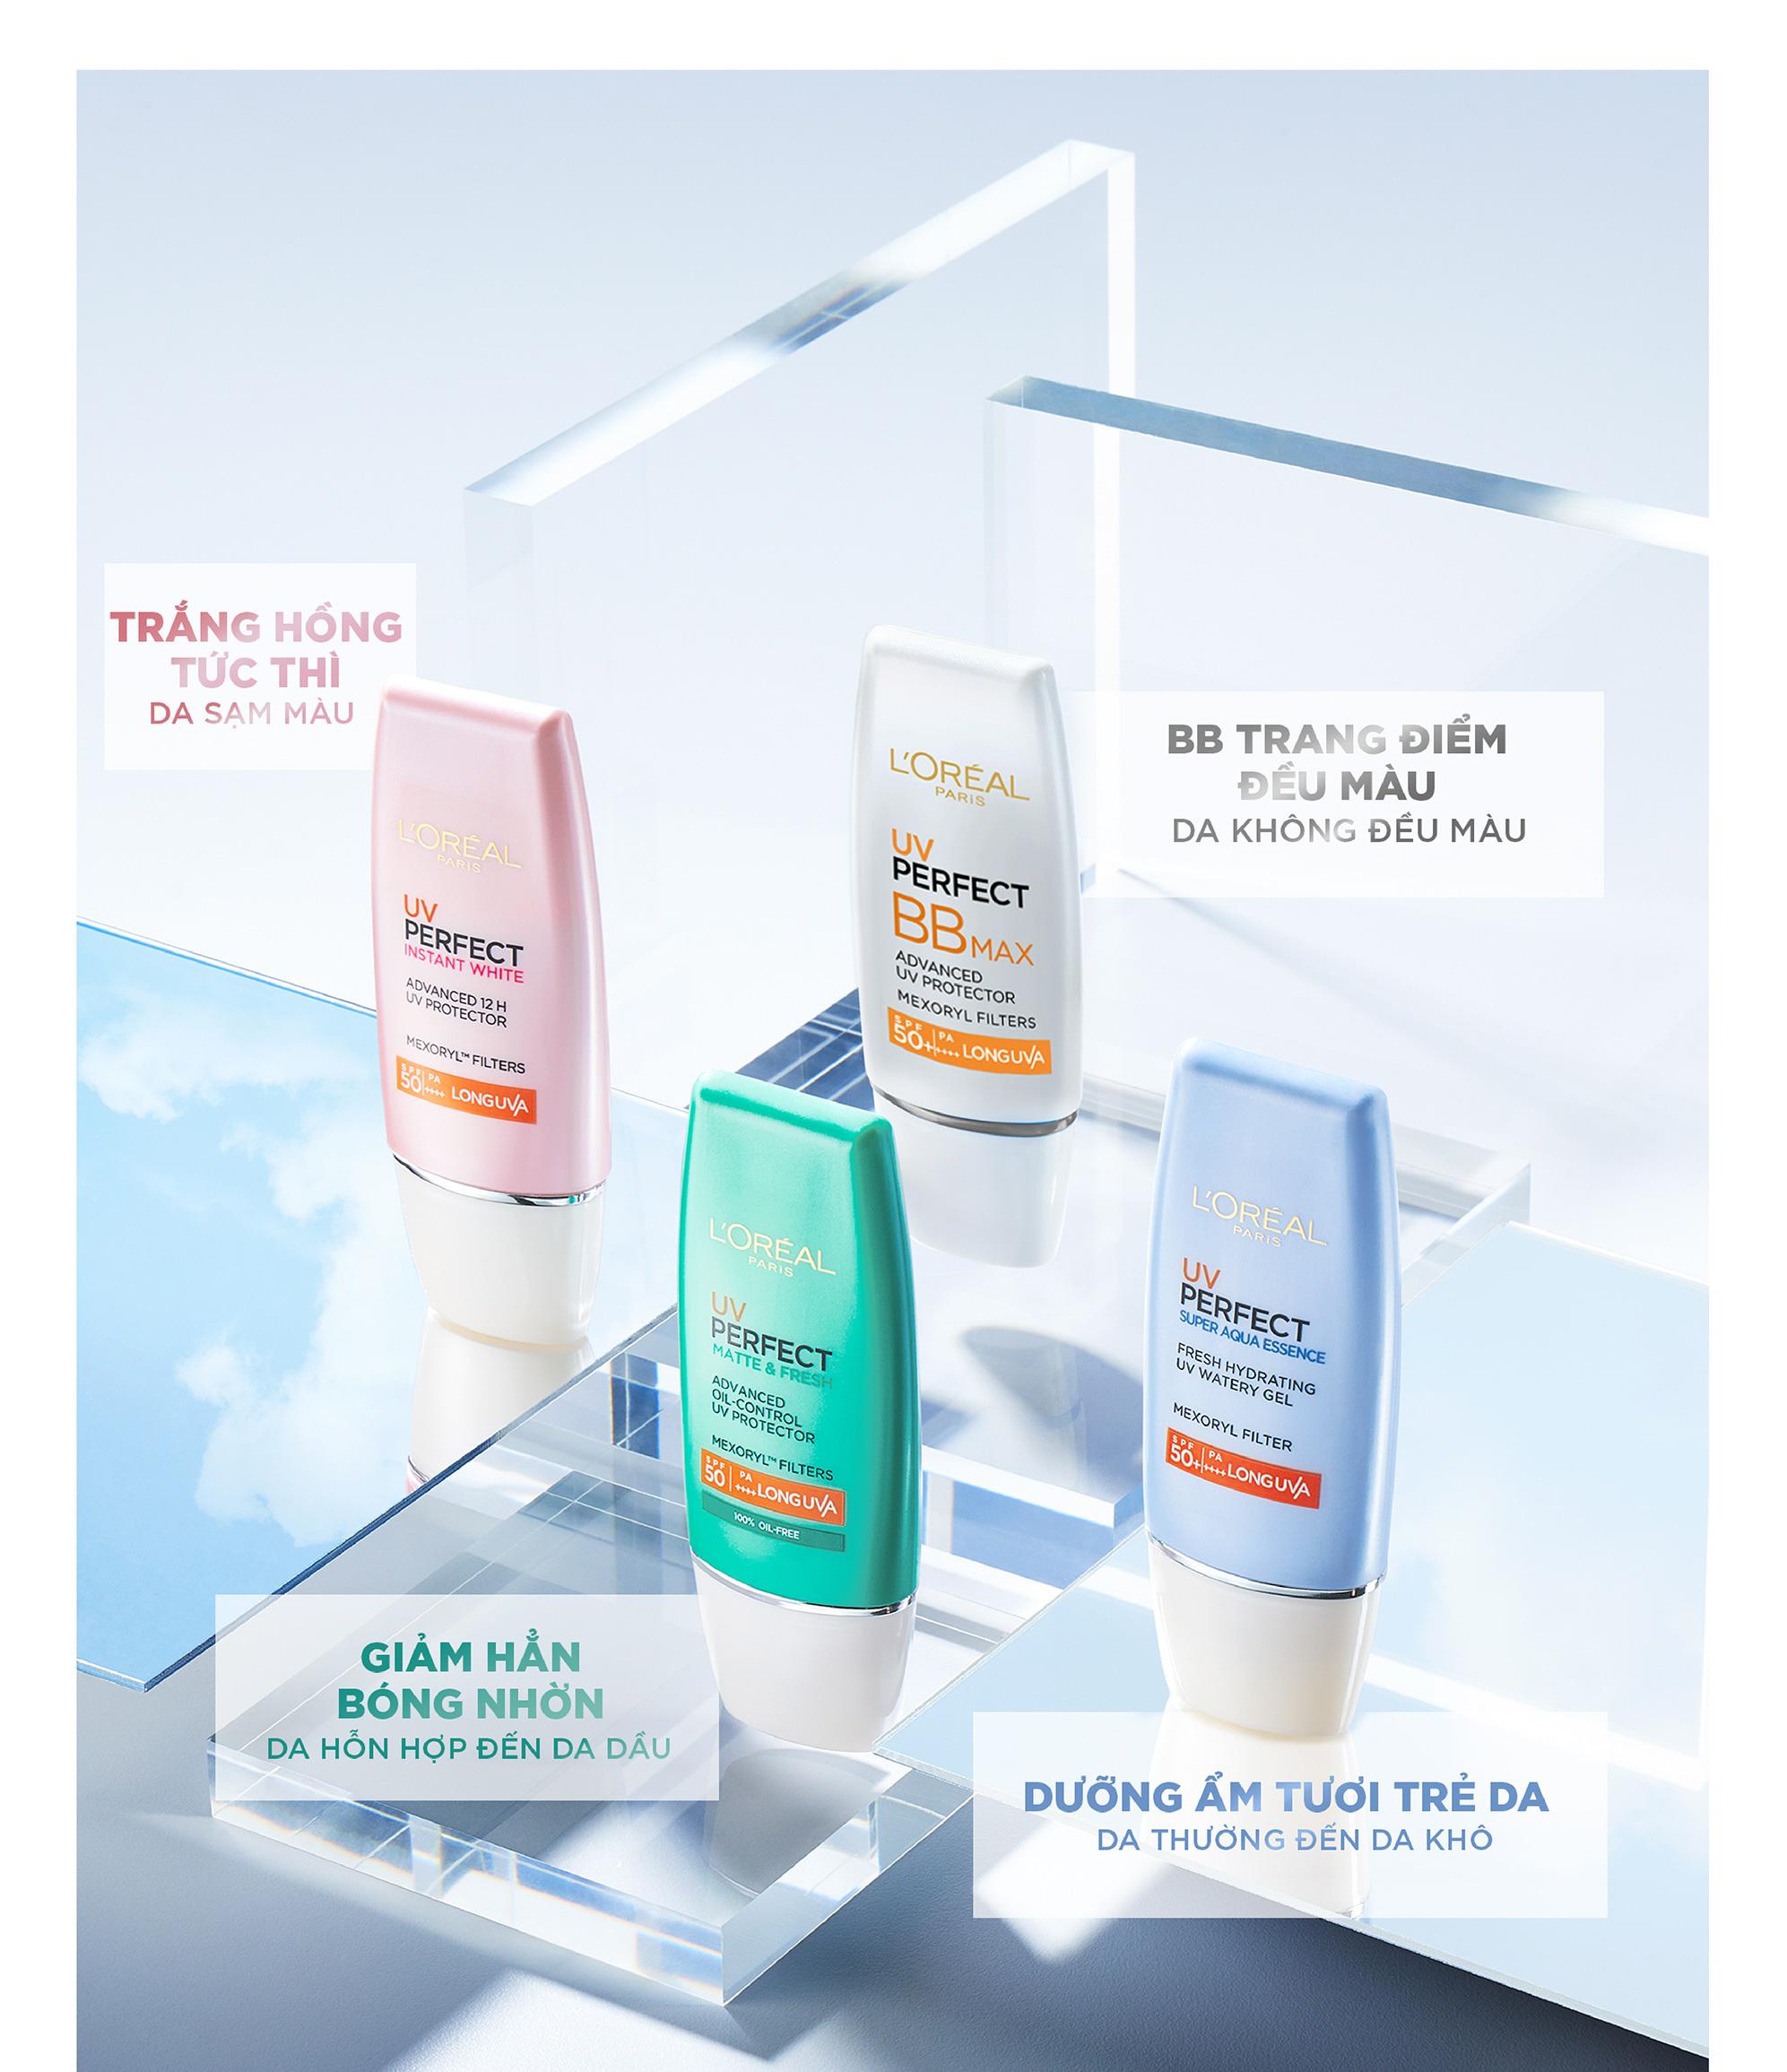 Kem Chống Nắng Bảo Vệ & Dưỡng Da L'Oreal Paris UV Perfect Aqua Essence  SPF50+ PA++++ 30ml | Lazada.vn